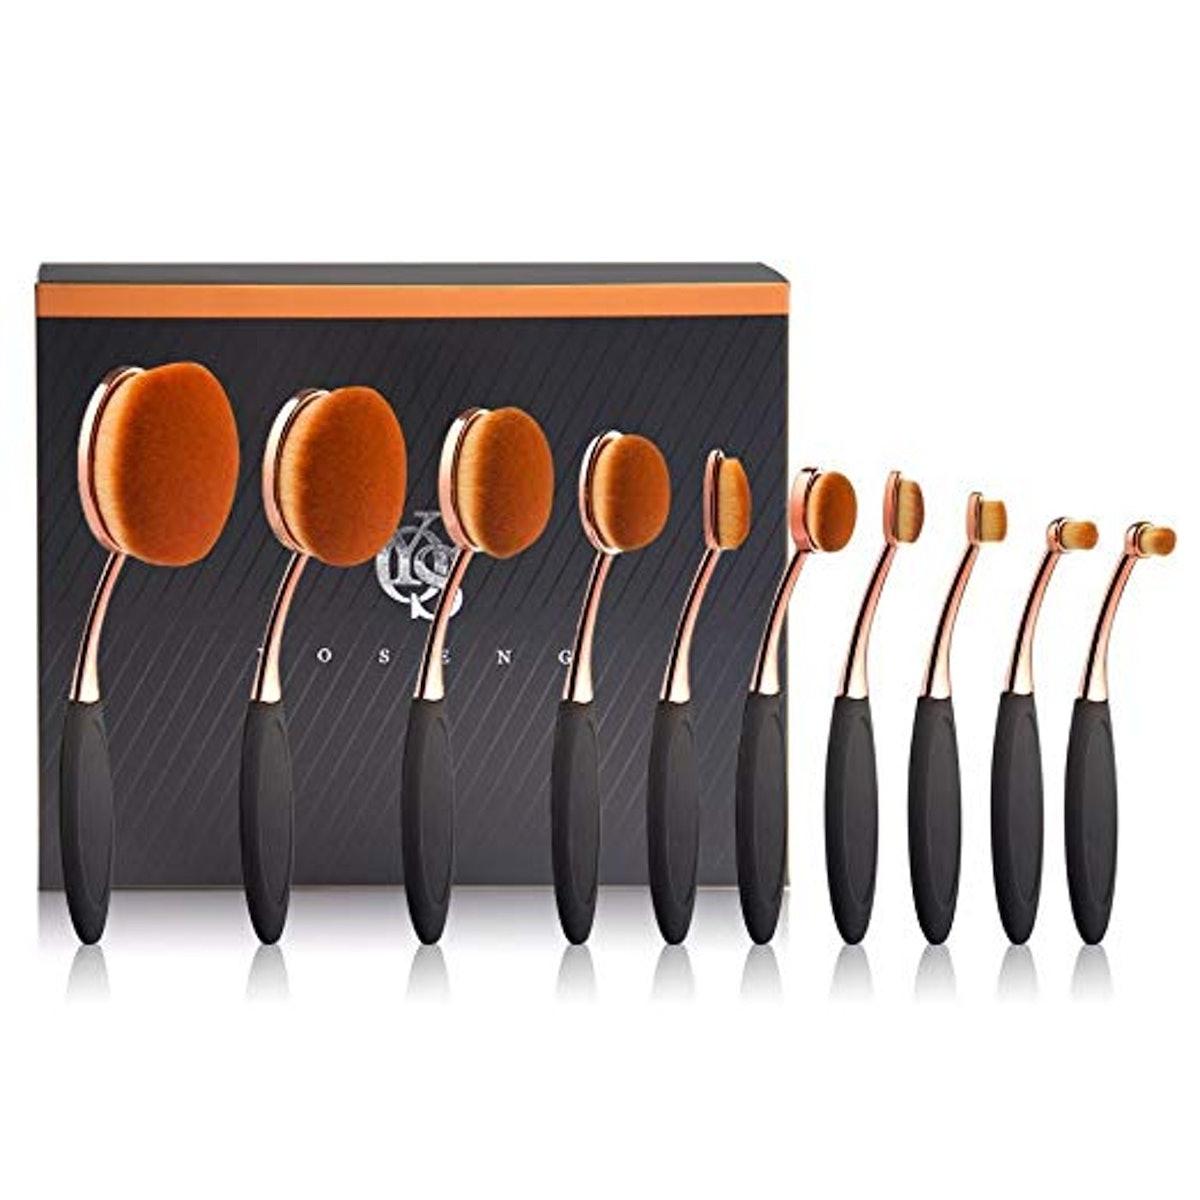 Yoseng Makeup Brushes Set (10-Pack)